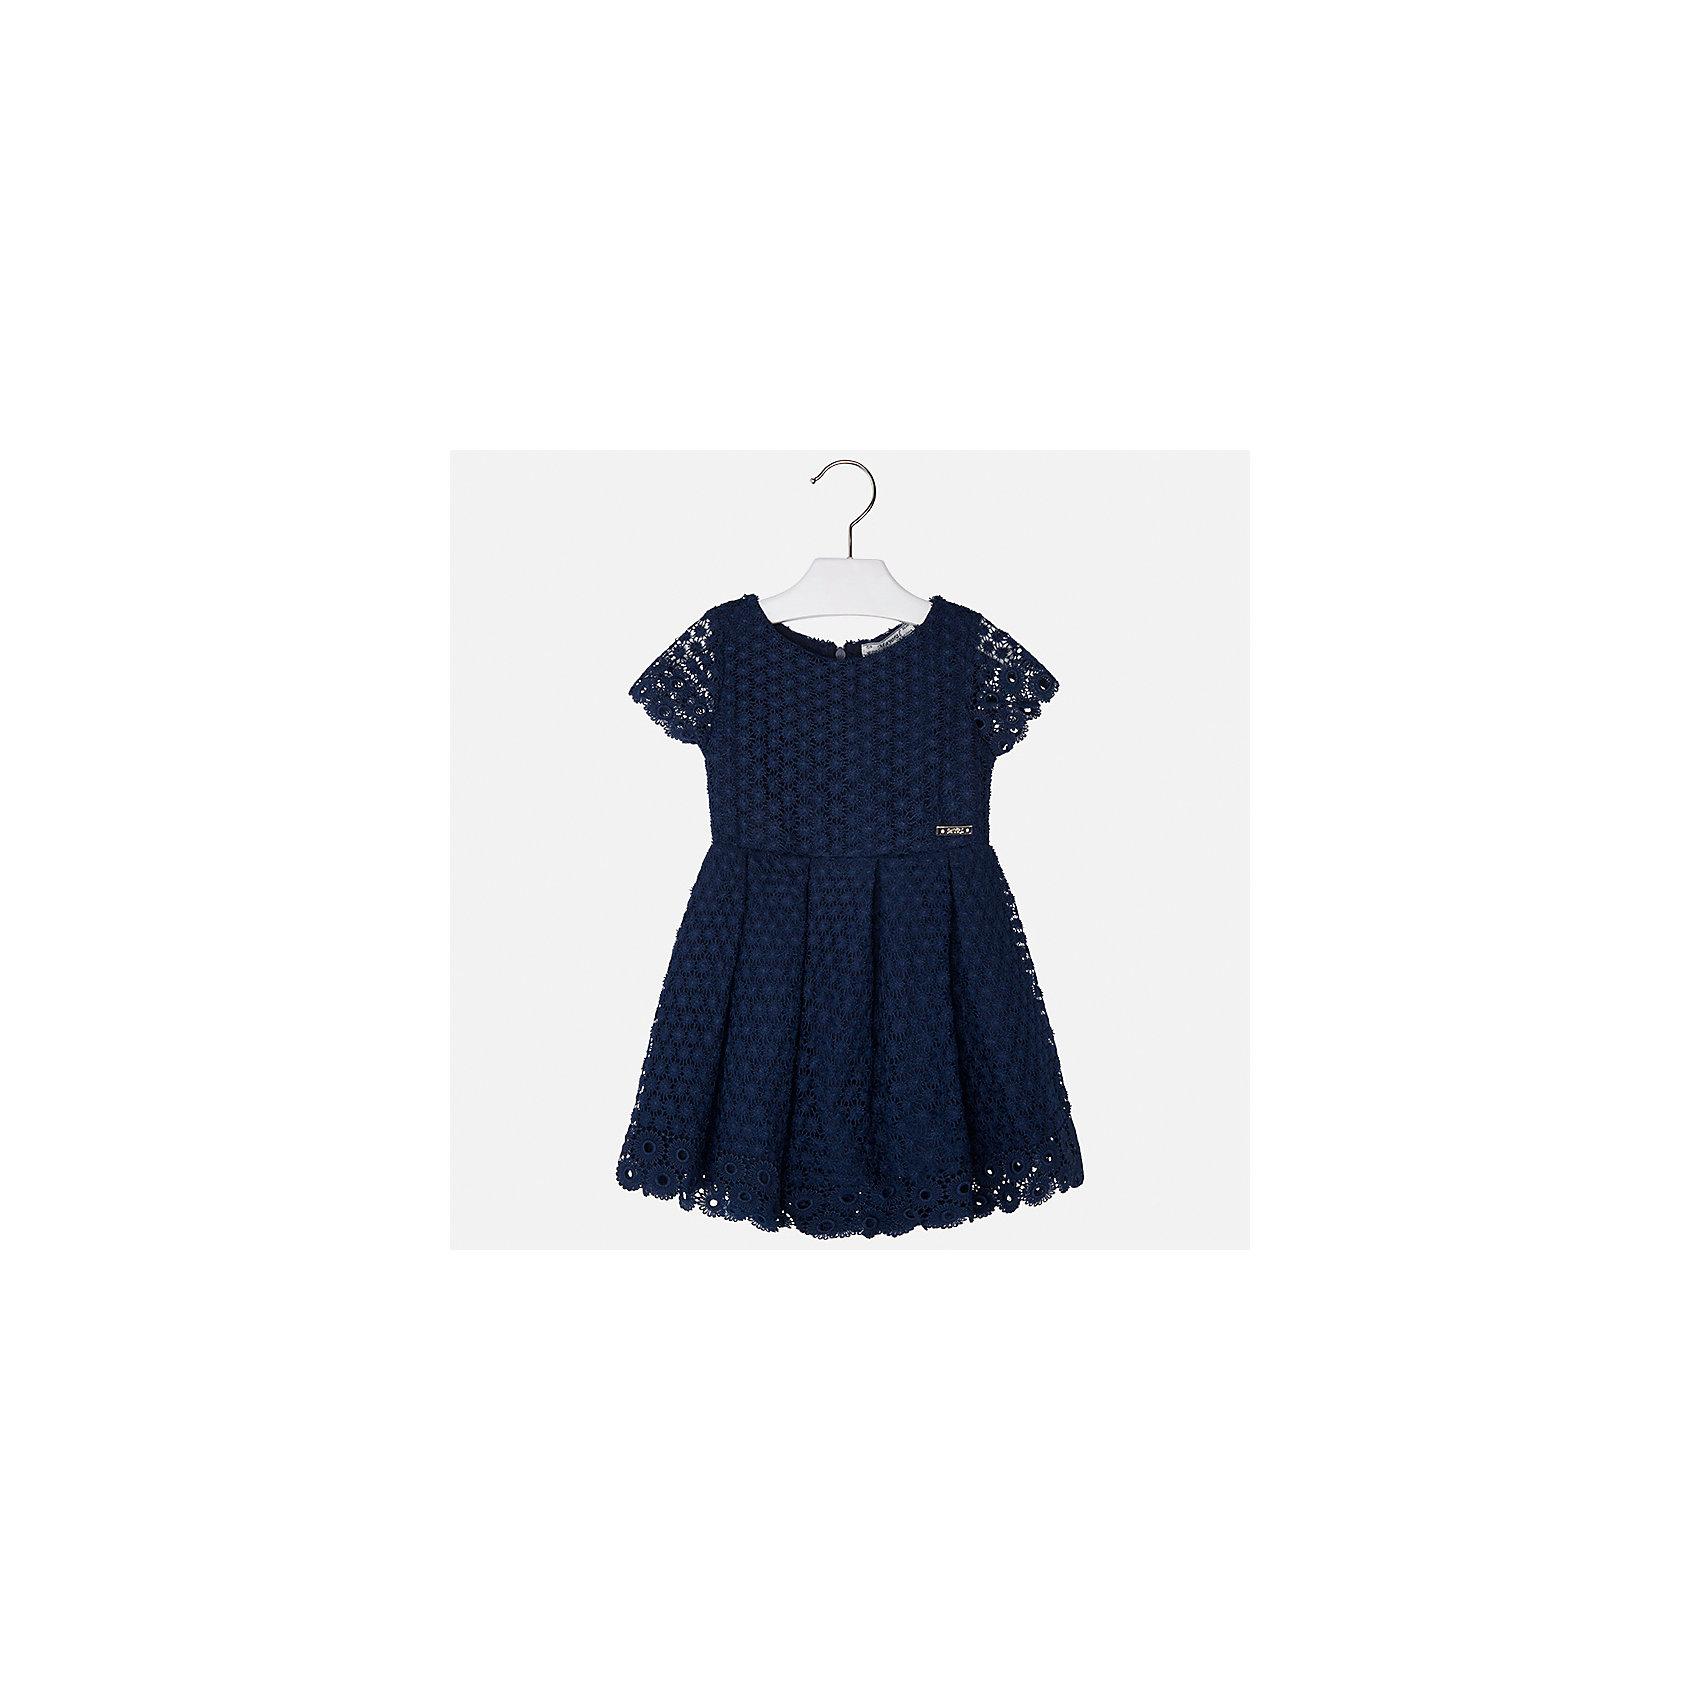 Платье для девочки MayoralОдежда<br>Характеристики товара:<br><br>• цвет: темно-синий<br>• состав: 100% полиэстер, подкладка - 80% полиэстер, 20% хлопок<br>• застежка: молния<br>• легкий материал<br>• ажурная ткань верха<br>• короткие рукава<br>• с подкладкой<br>• страна бренда: Испания<br><br>Красивое легкое платье для девочки поможет разнообразить гардероб ребенка и создать эффектный наряд. Оно подойдет и для торжественных случаев, может быть и как ежедневный наряд. Красивый оттенок позволяет подобрать к вещи обувь разных расцветок. В составе материала подкладки - натуральный хлопок, гипоаллергенный, приятный на ощупь, дышащий. Платье хорошо сидит по фигуре.<br><br>Одежда, обувь и аксессуары от испанского бренда Mayoral полюбились детям и взрослым по всему миру. Модели этой марки - стильные и удобные. Для их производства используются только безопасные, качественные материалы и фурнитура. Порадуйте ребенка модными и красивыми вещами от Mayoral! <br><br>Платье для девочки от испанского бренда Mayoral (Майорал) можно купить в нашем интернет-магазине.<br><br>Ширина мм: 236<br>Глубина мм: 16<br>Высота мм: 184<br>Вес г: 177<br>Цвет: синий<br>Возраст от месяцев: 24<br>Возраст до месяцев: 36<br>Пол: Женский<br>Возраст: Детский<br>Размер: 128,122,98,134,116,110,104<br>SKU: 5291076